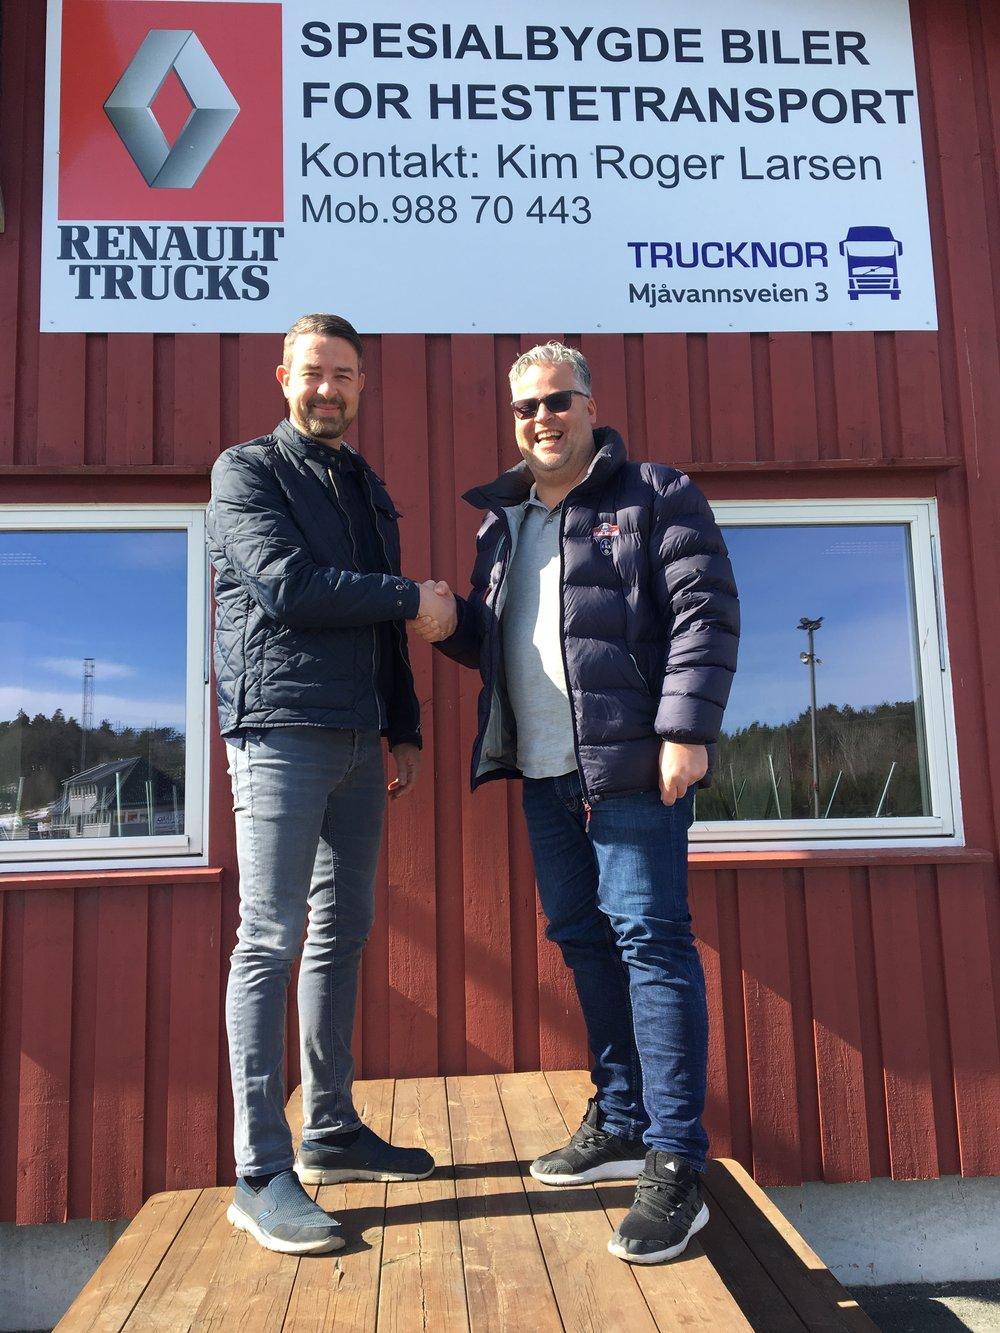 Kim Roger Larsen fra Trucknor (t.v.) og Travparkens Ingvar Ludvigsen har signert samarbeidsavtale. Foto: Richard Ekhaugen.